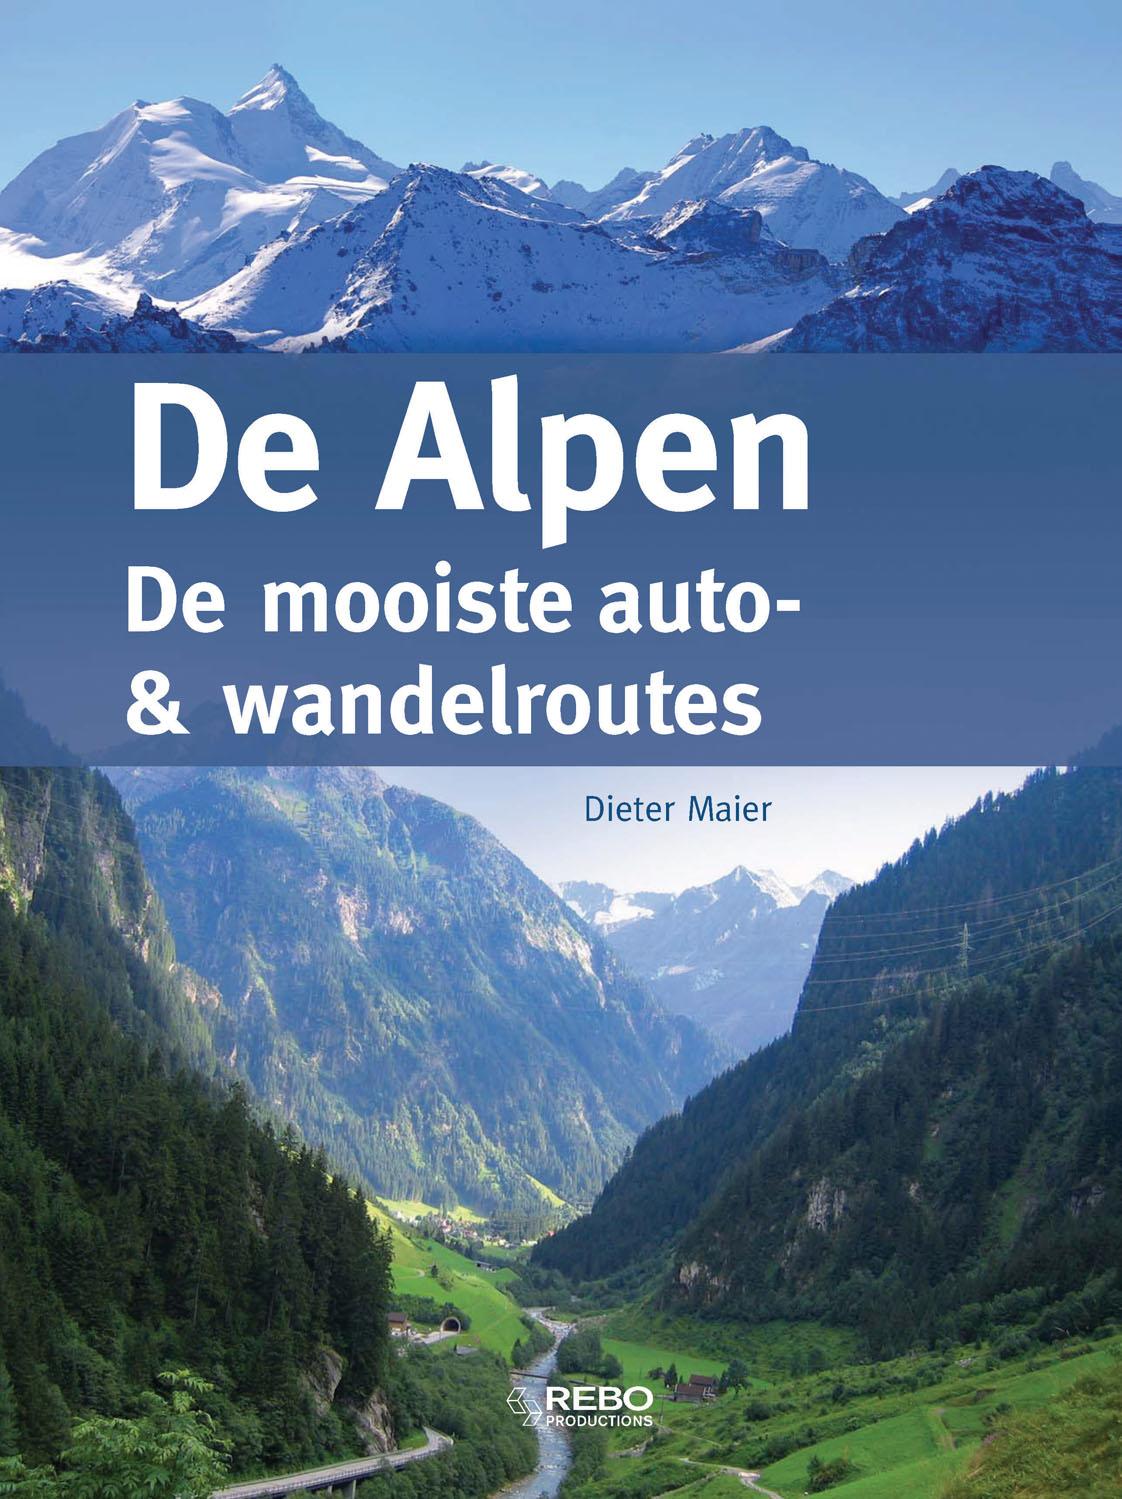 Alpen de mooiste auto&wandelroutes